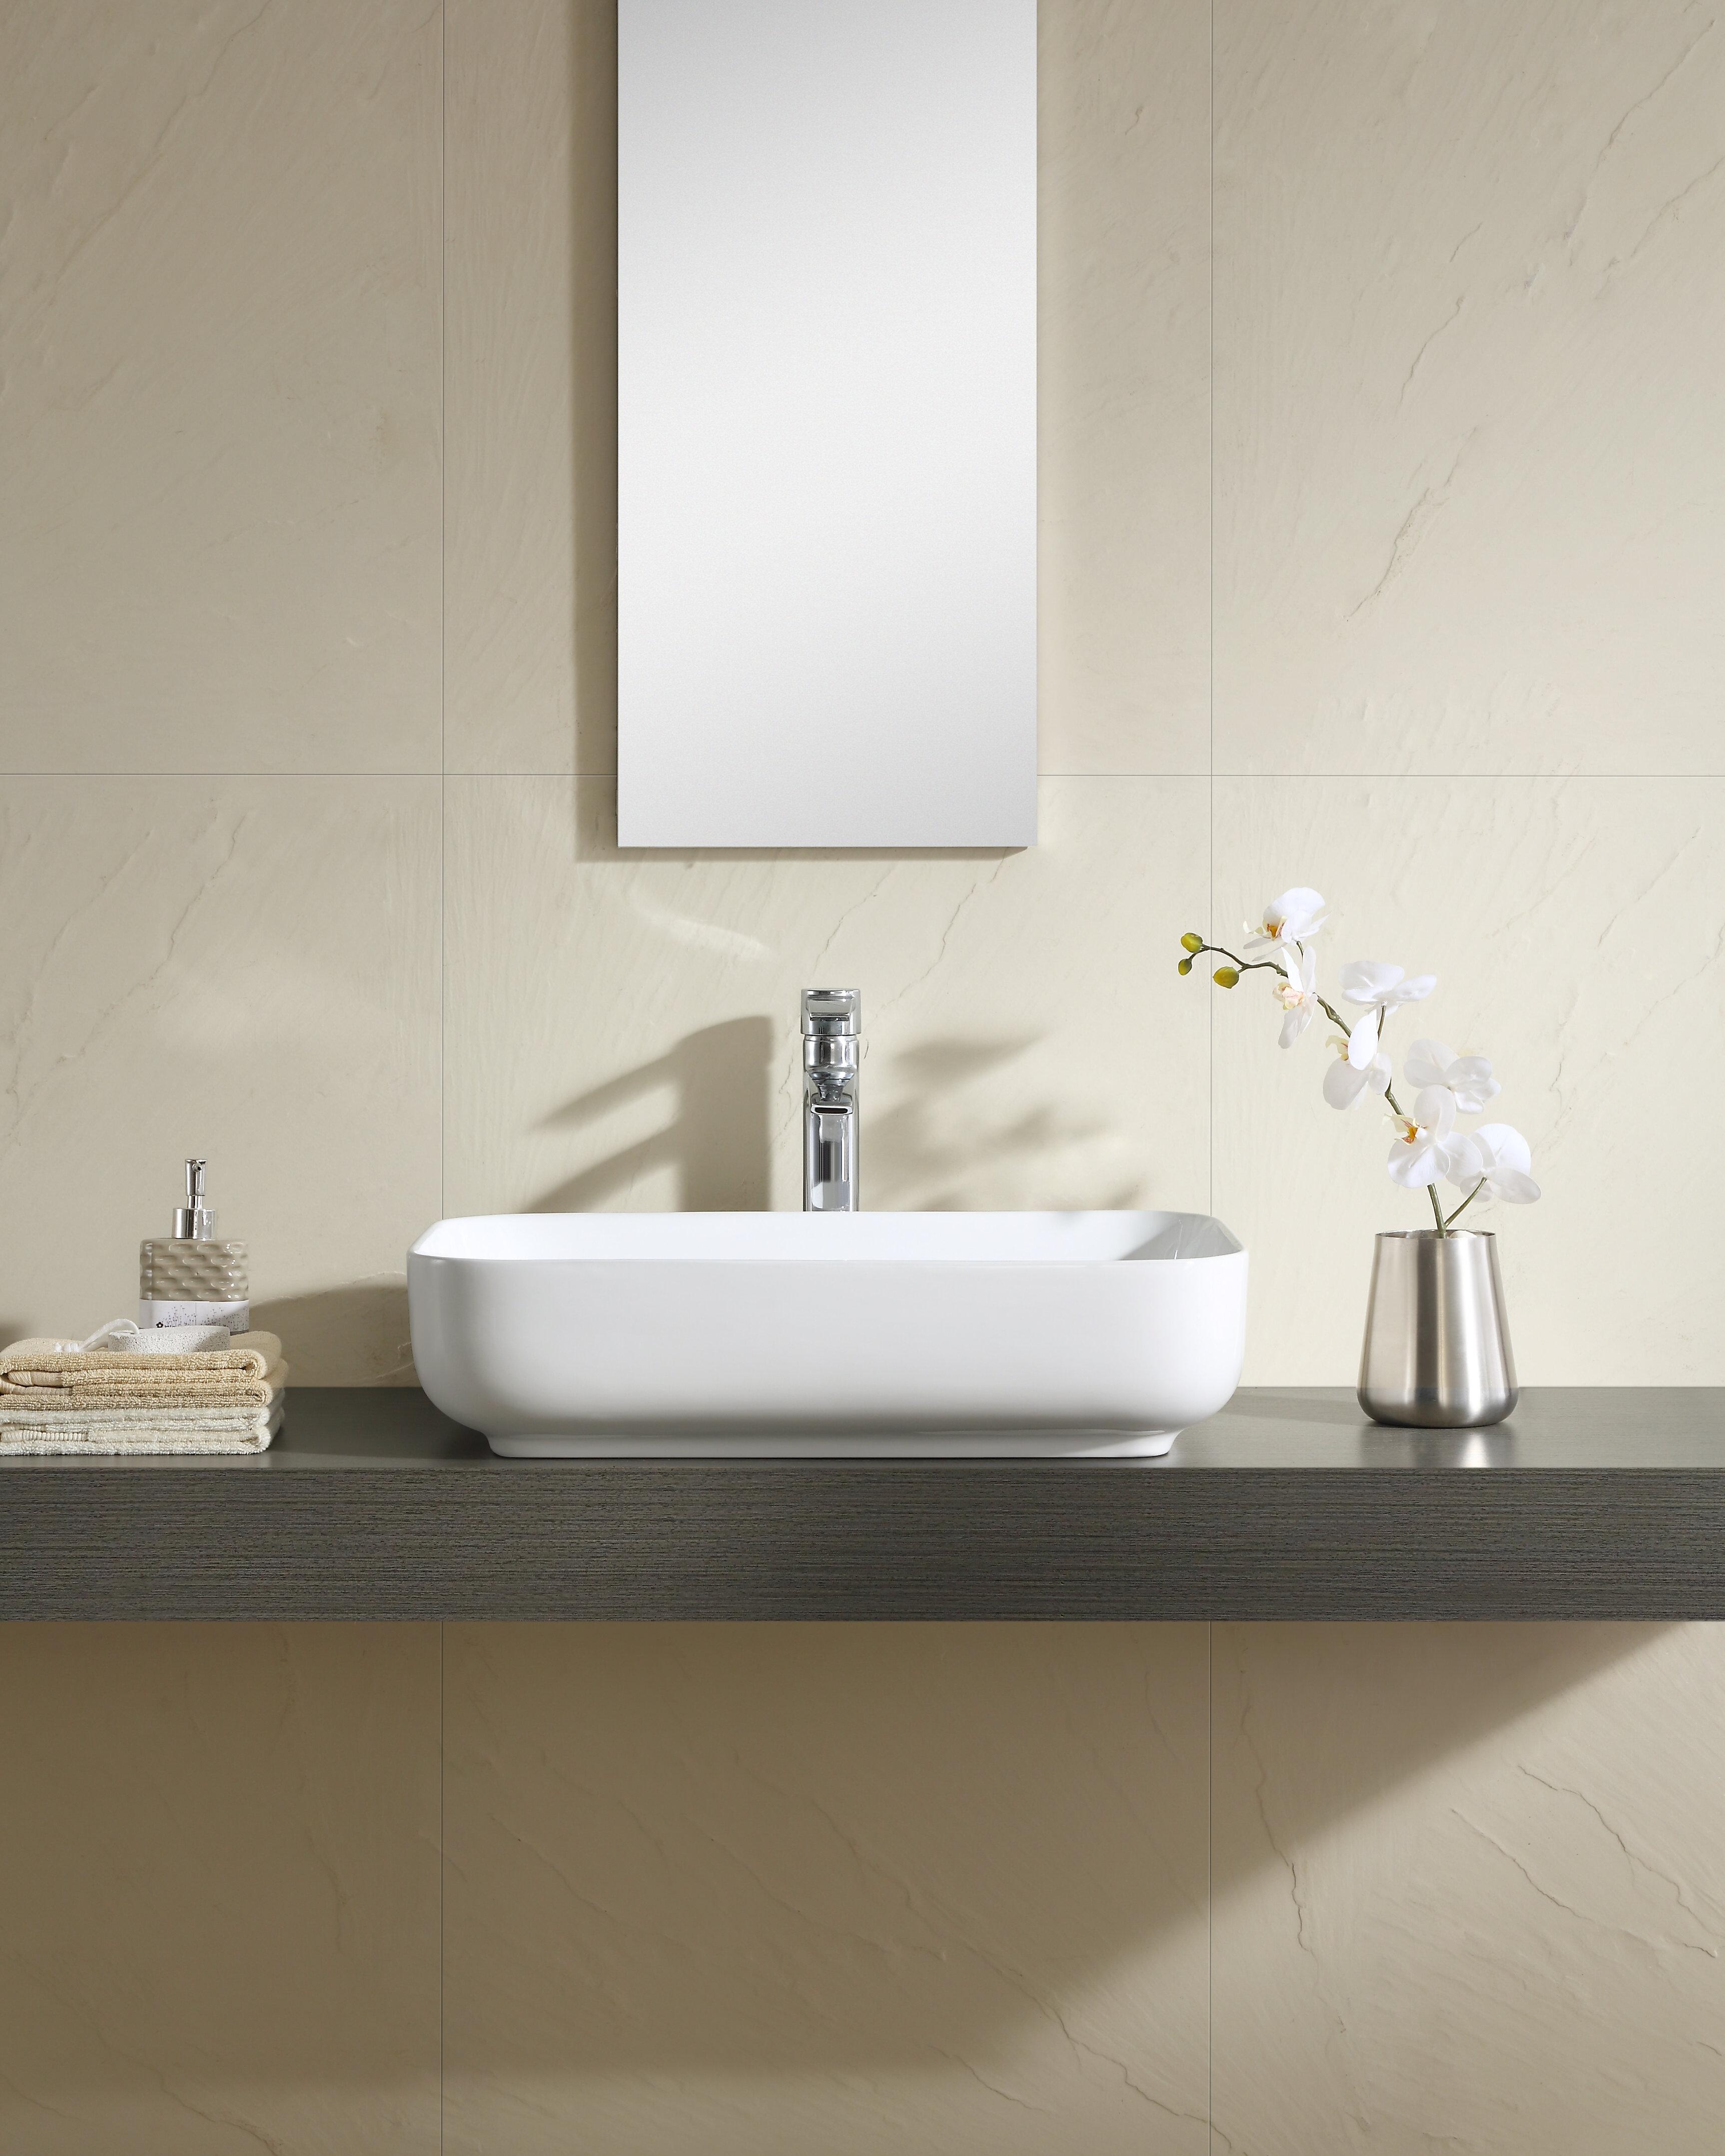 Rectangular Wall Mounted Faucet